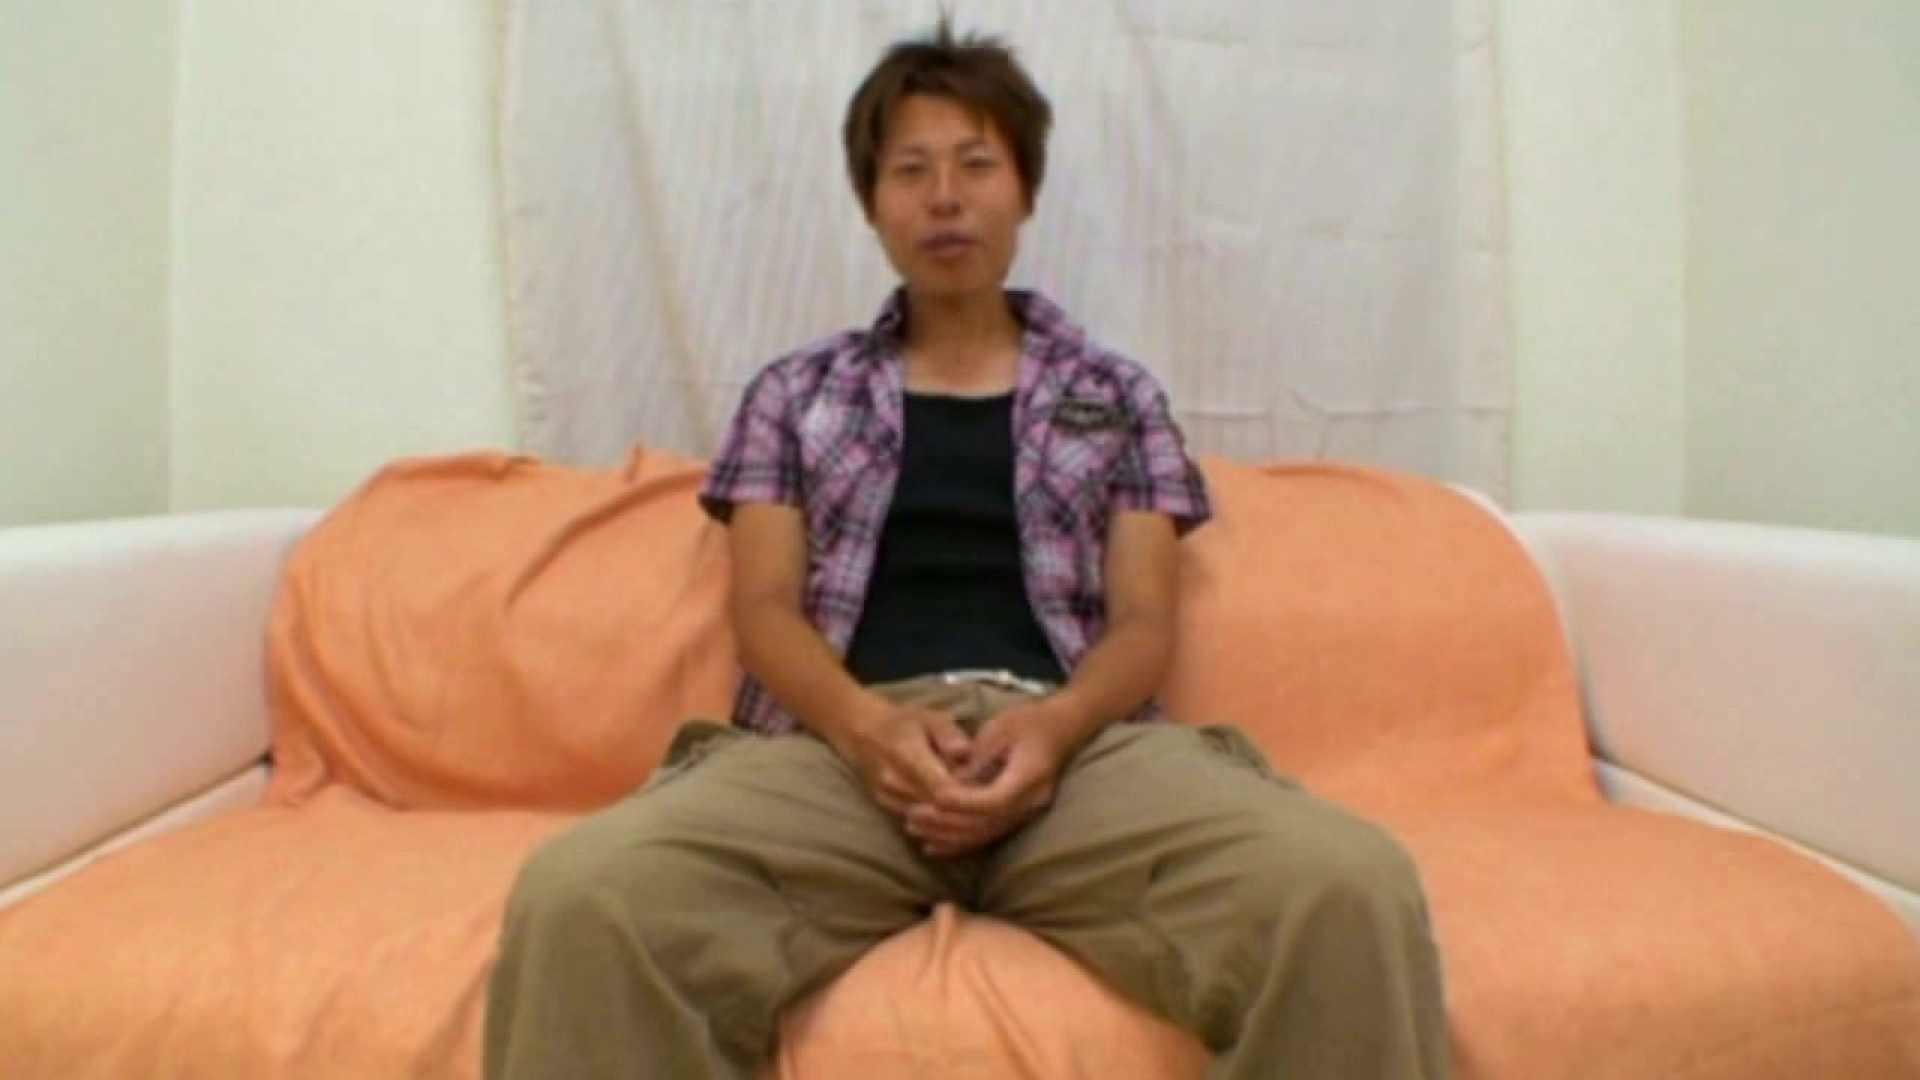 ノンケ!自慰スタジオ No.10 ゲイの自慰 ゲイヌード画像 47pic 31